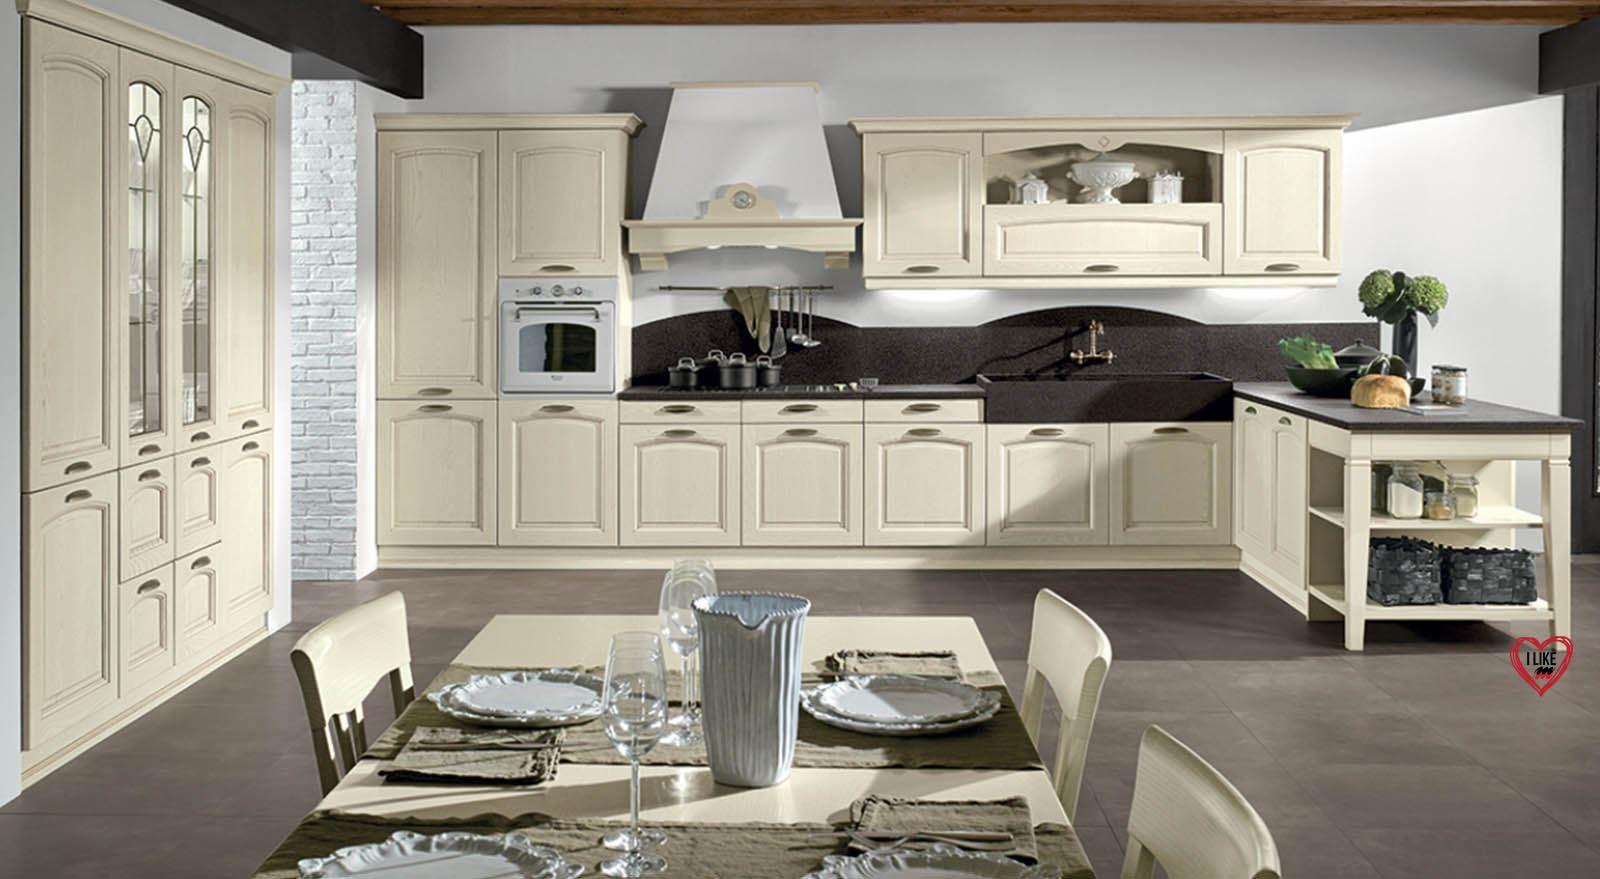 Vendita di cucine classiche a padova cucine eleganti e in muratura in offerta - Cucine in legno chiaro ...